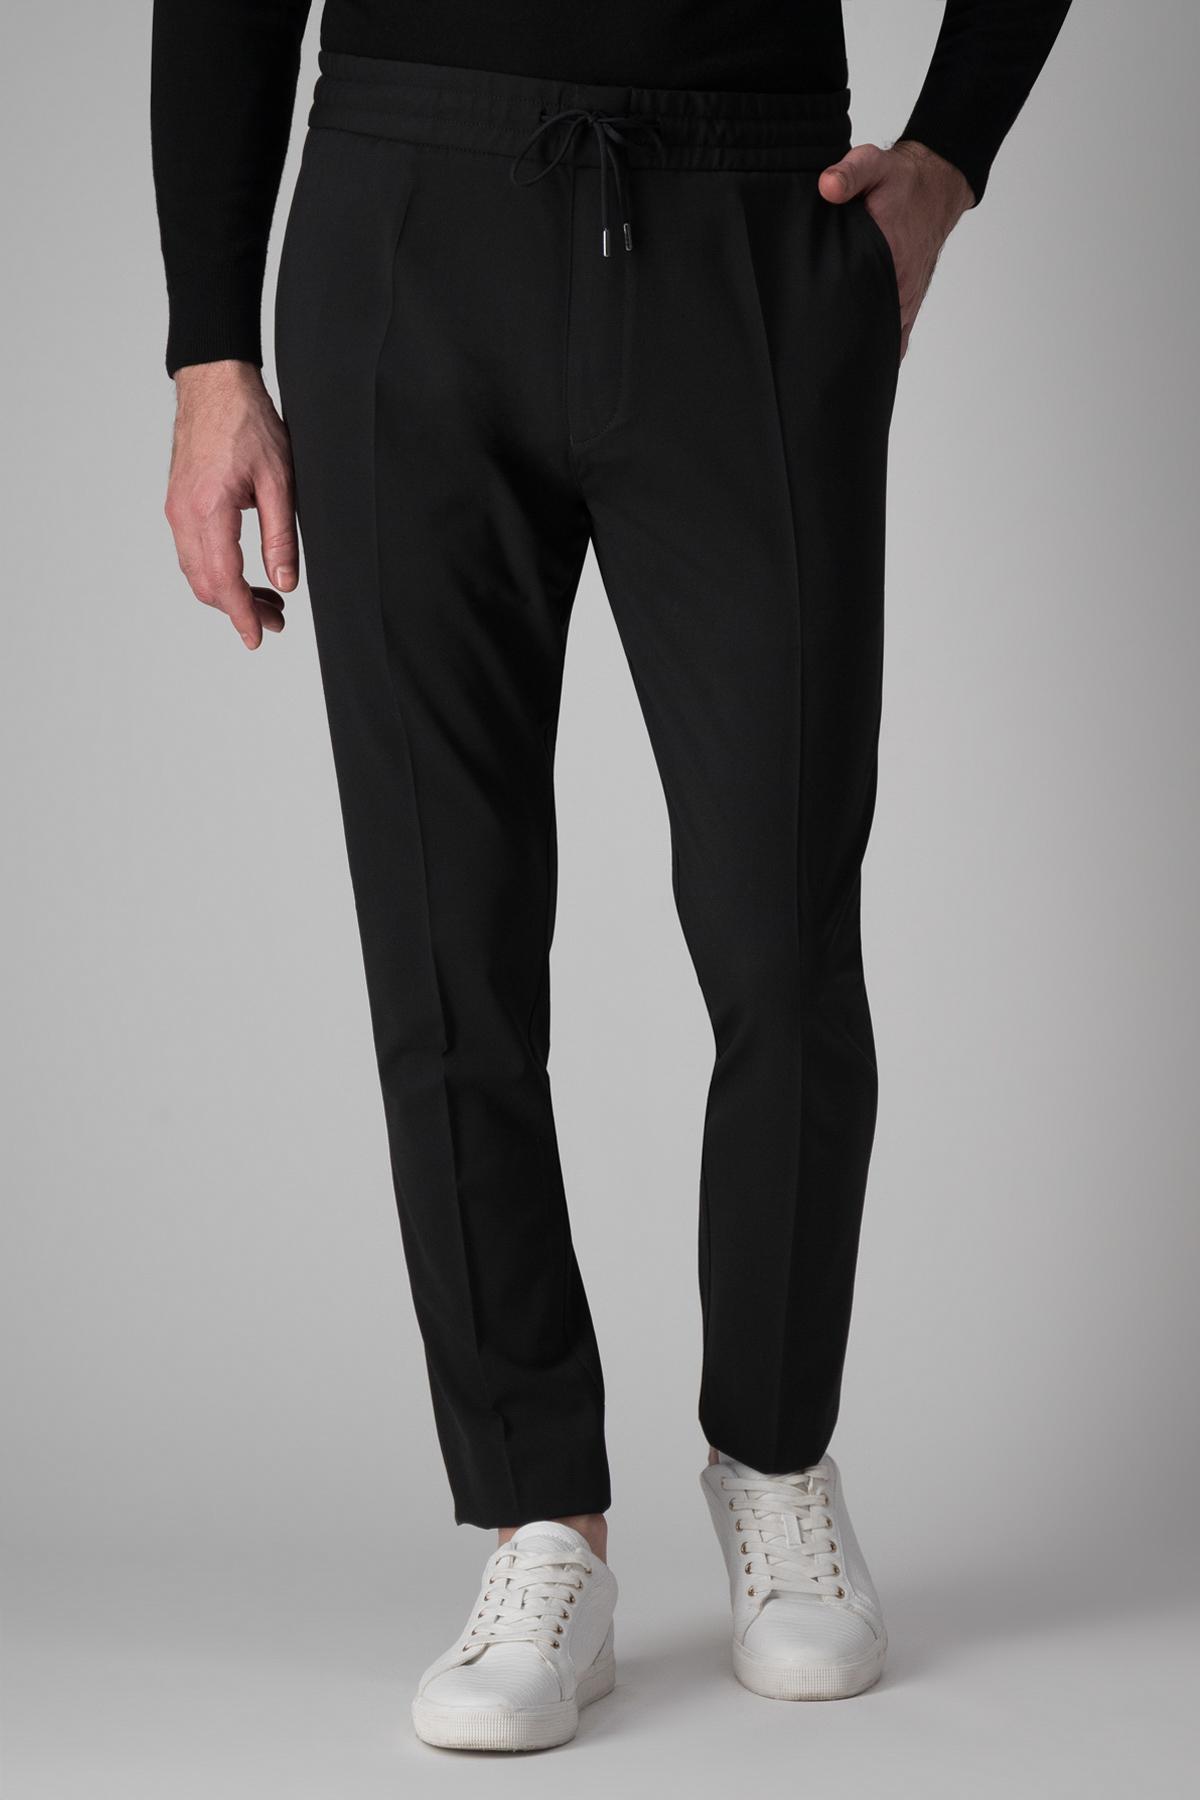 Pantalón Hugo Boss, negro liso modelo jogging, cintura elástica.